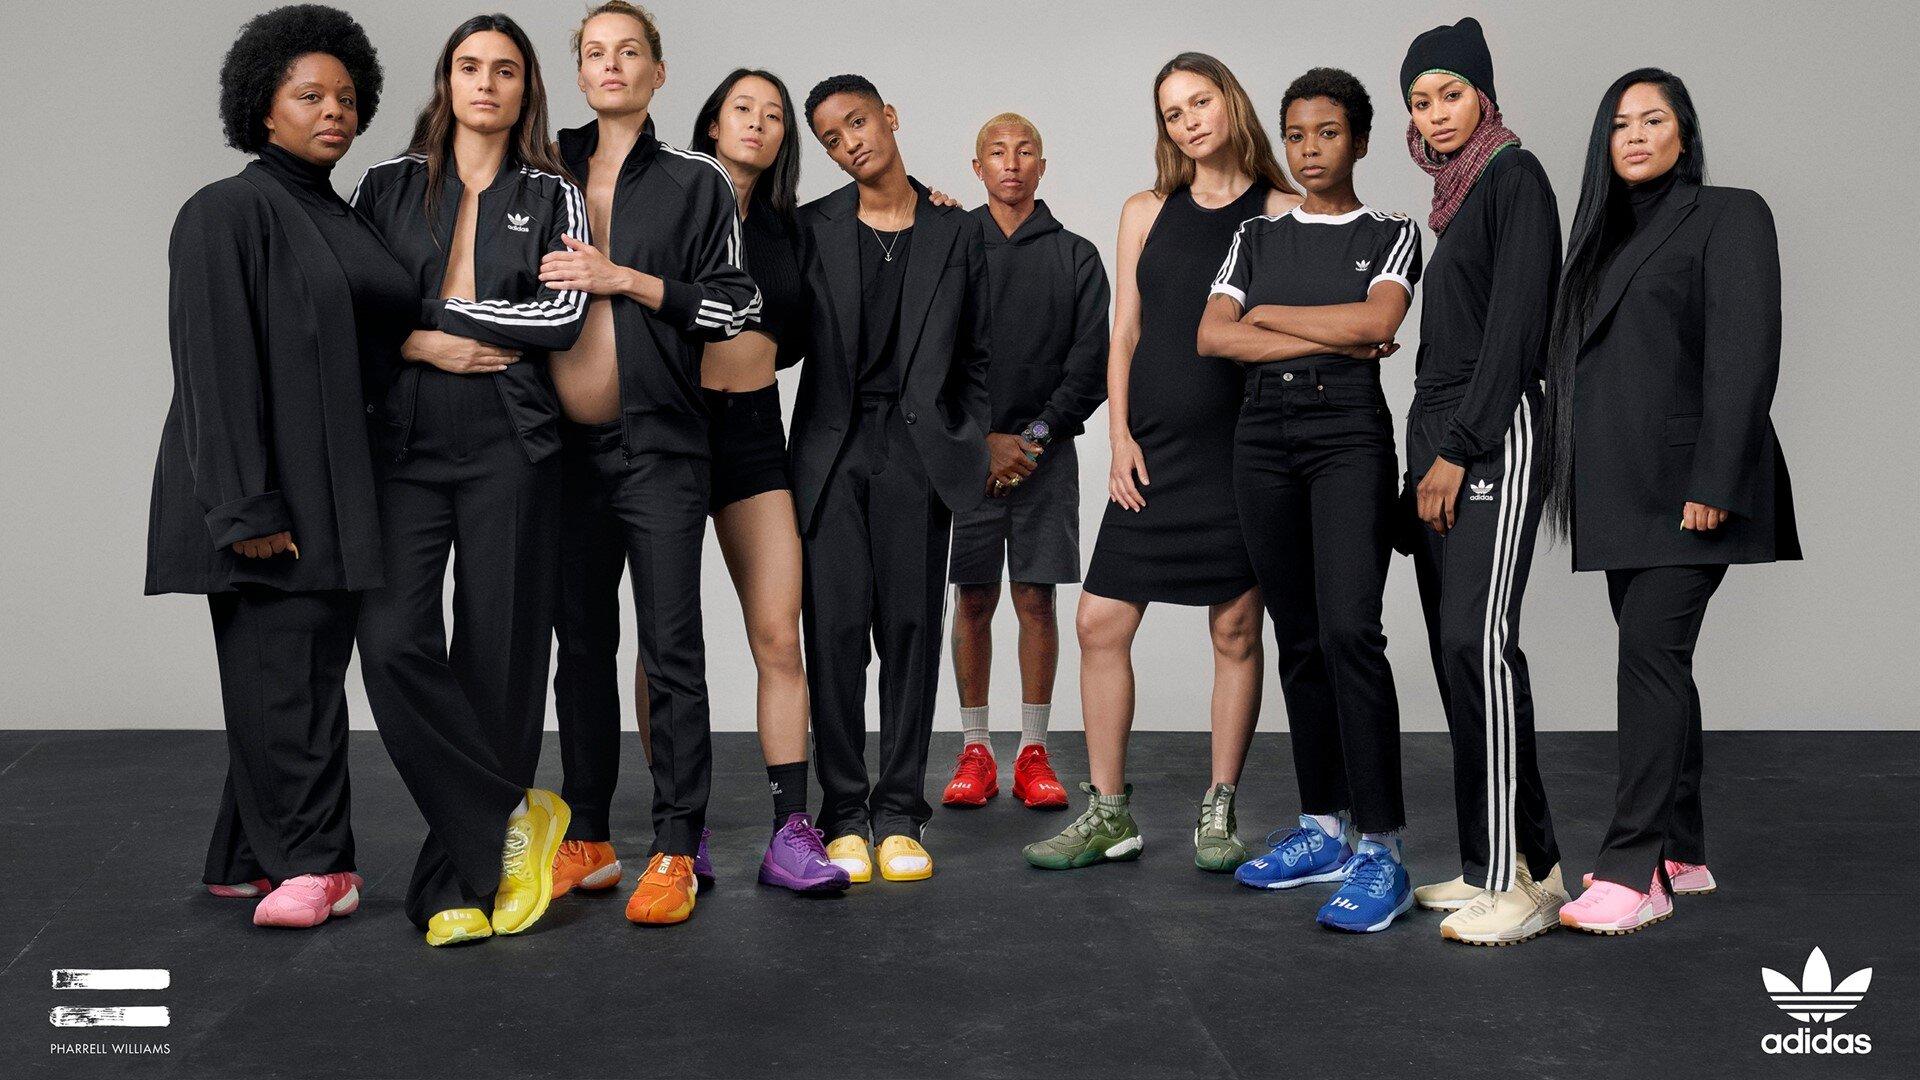 ״ההבדלים והשוני מקבלים משנה תוקף״ מתוך קמפיין אדידס Now Is Her Time